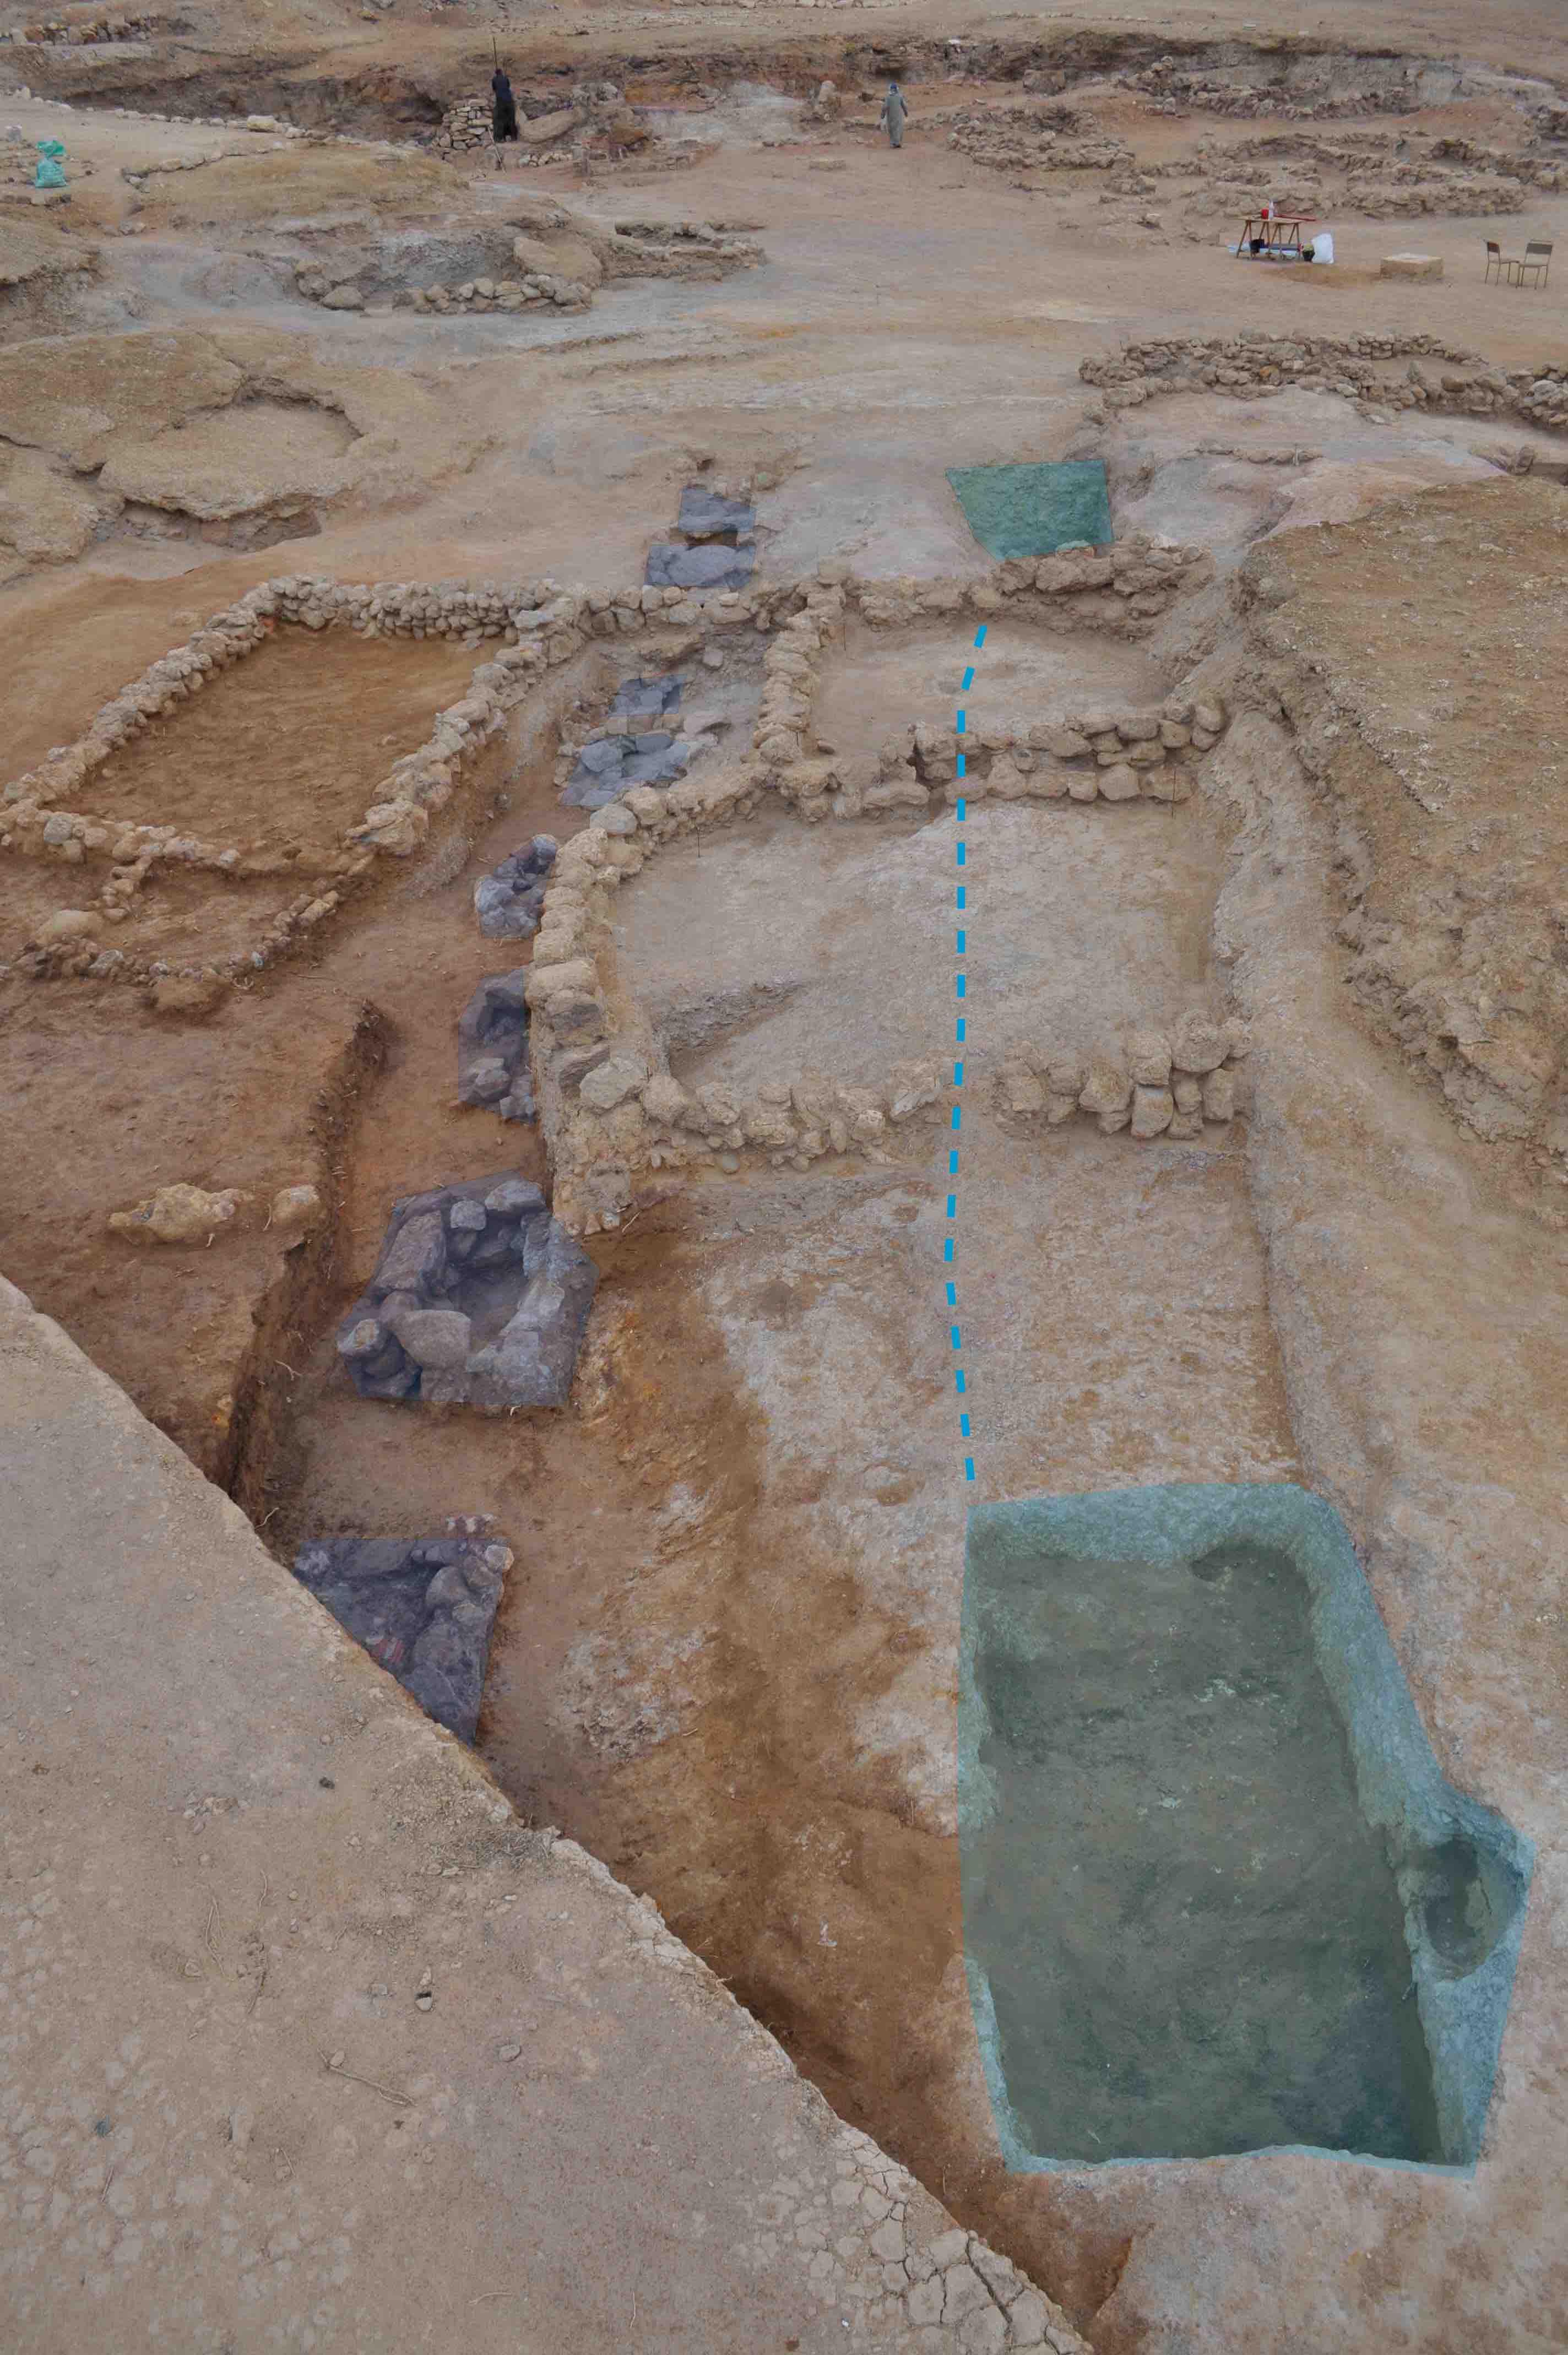 Fig. 4. Le secteur S41 à la fin de la saison 2015 : on voit à droite (en vert) les deux fosses creusées dans le rocher (en pointillé, est indiqué une ligne de taille qui a entamé le gebel) et à gauche (en violet) la série de structures quadrangulaires en pierres sèches pour l'écoulement de l'eau (vue nord-est/sud-ouest).